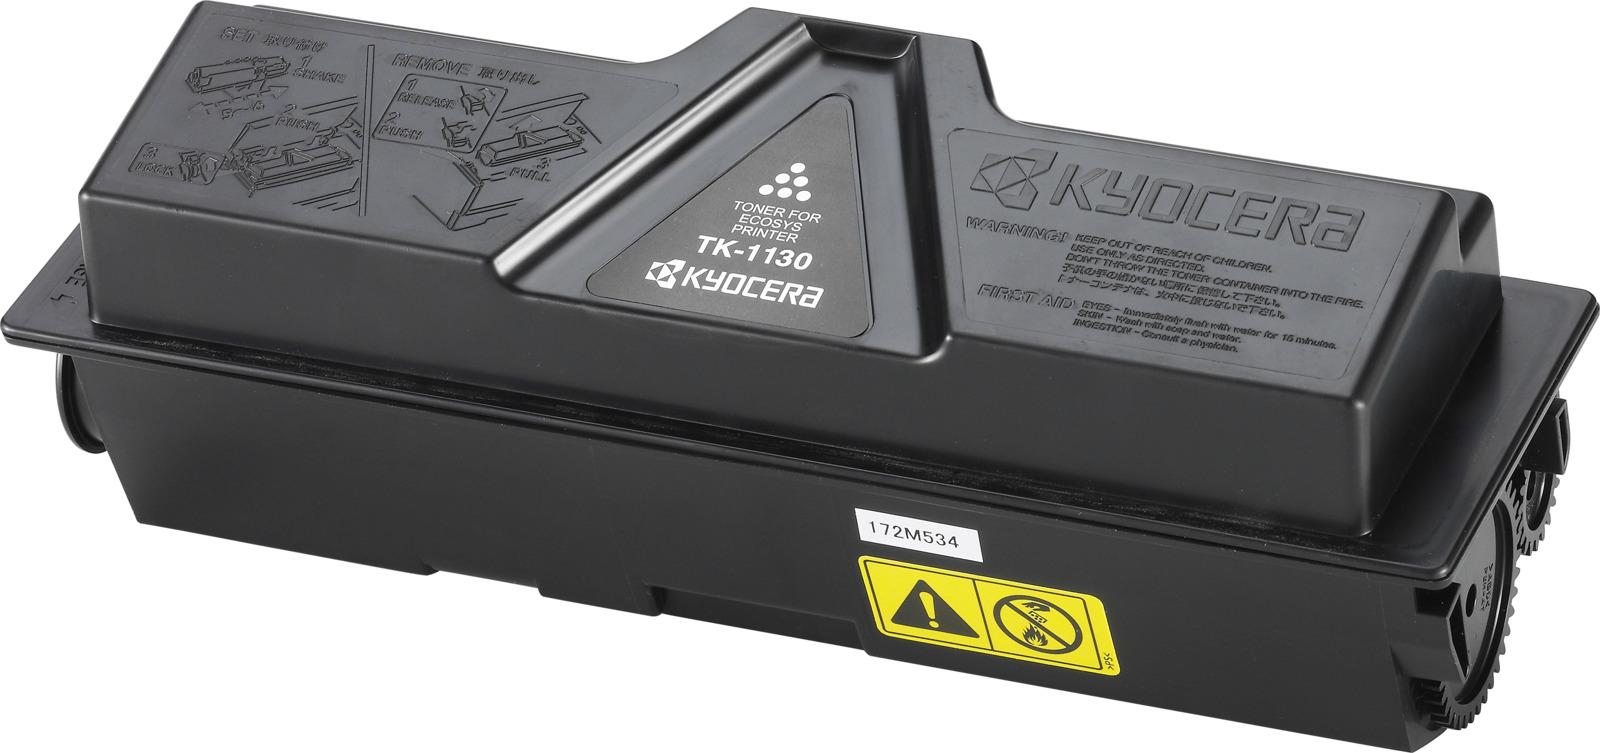 Картридж Kyocera TK-1130, черный, для лазерного принтера кассета в сборе kyocera ct 1130 для fs 1030mfp 1035mfp 1130mfp 1135mfp ecosys m2030dn pn m2030dn m2530dn m2035dn m2535dn 302mh93041 302mh93040